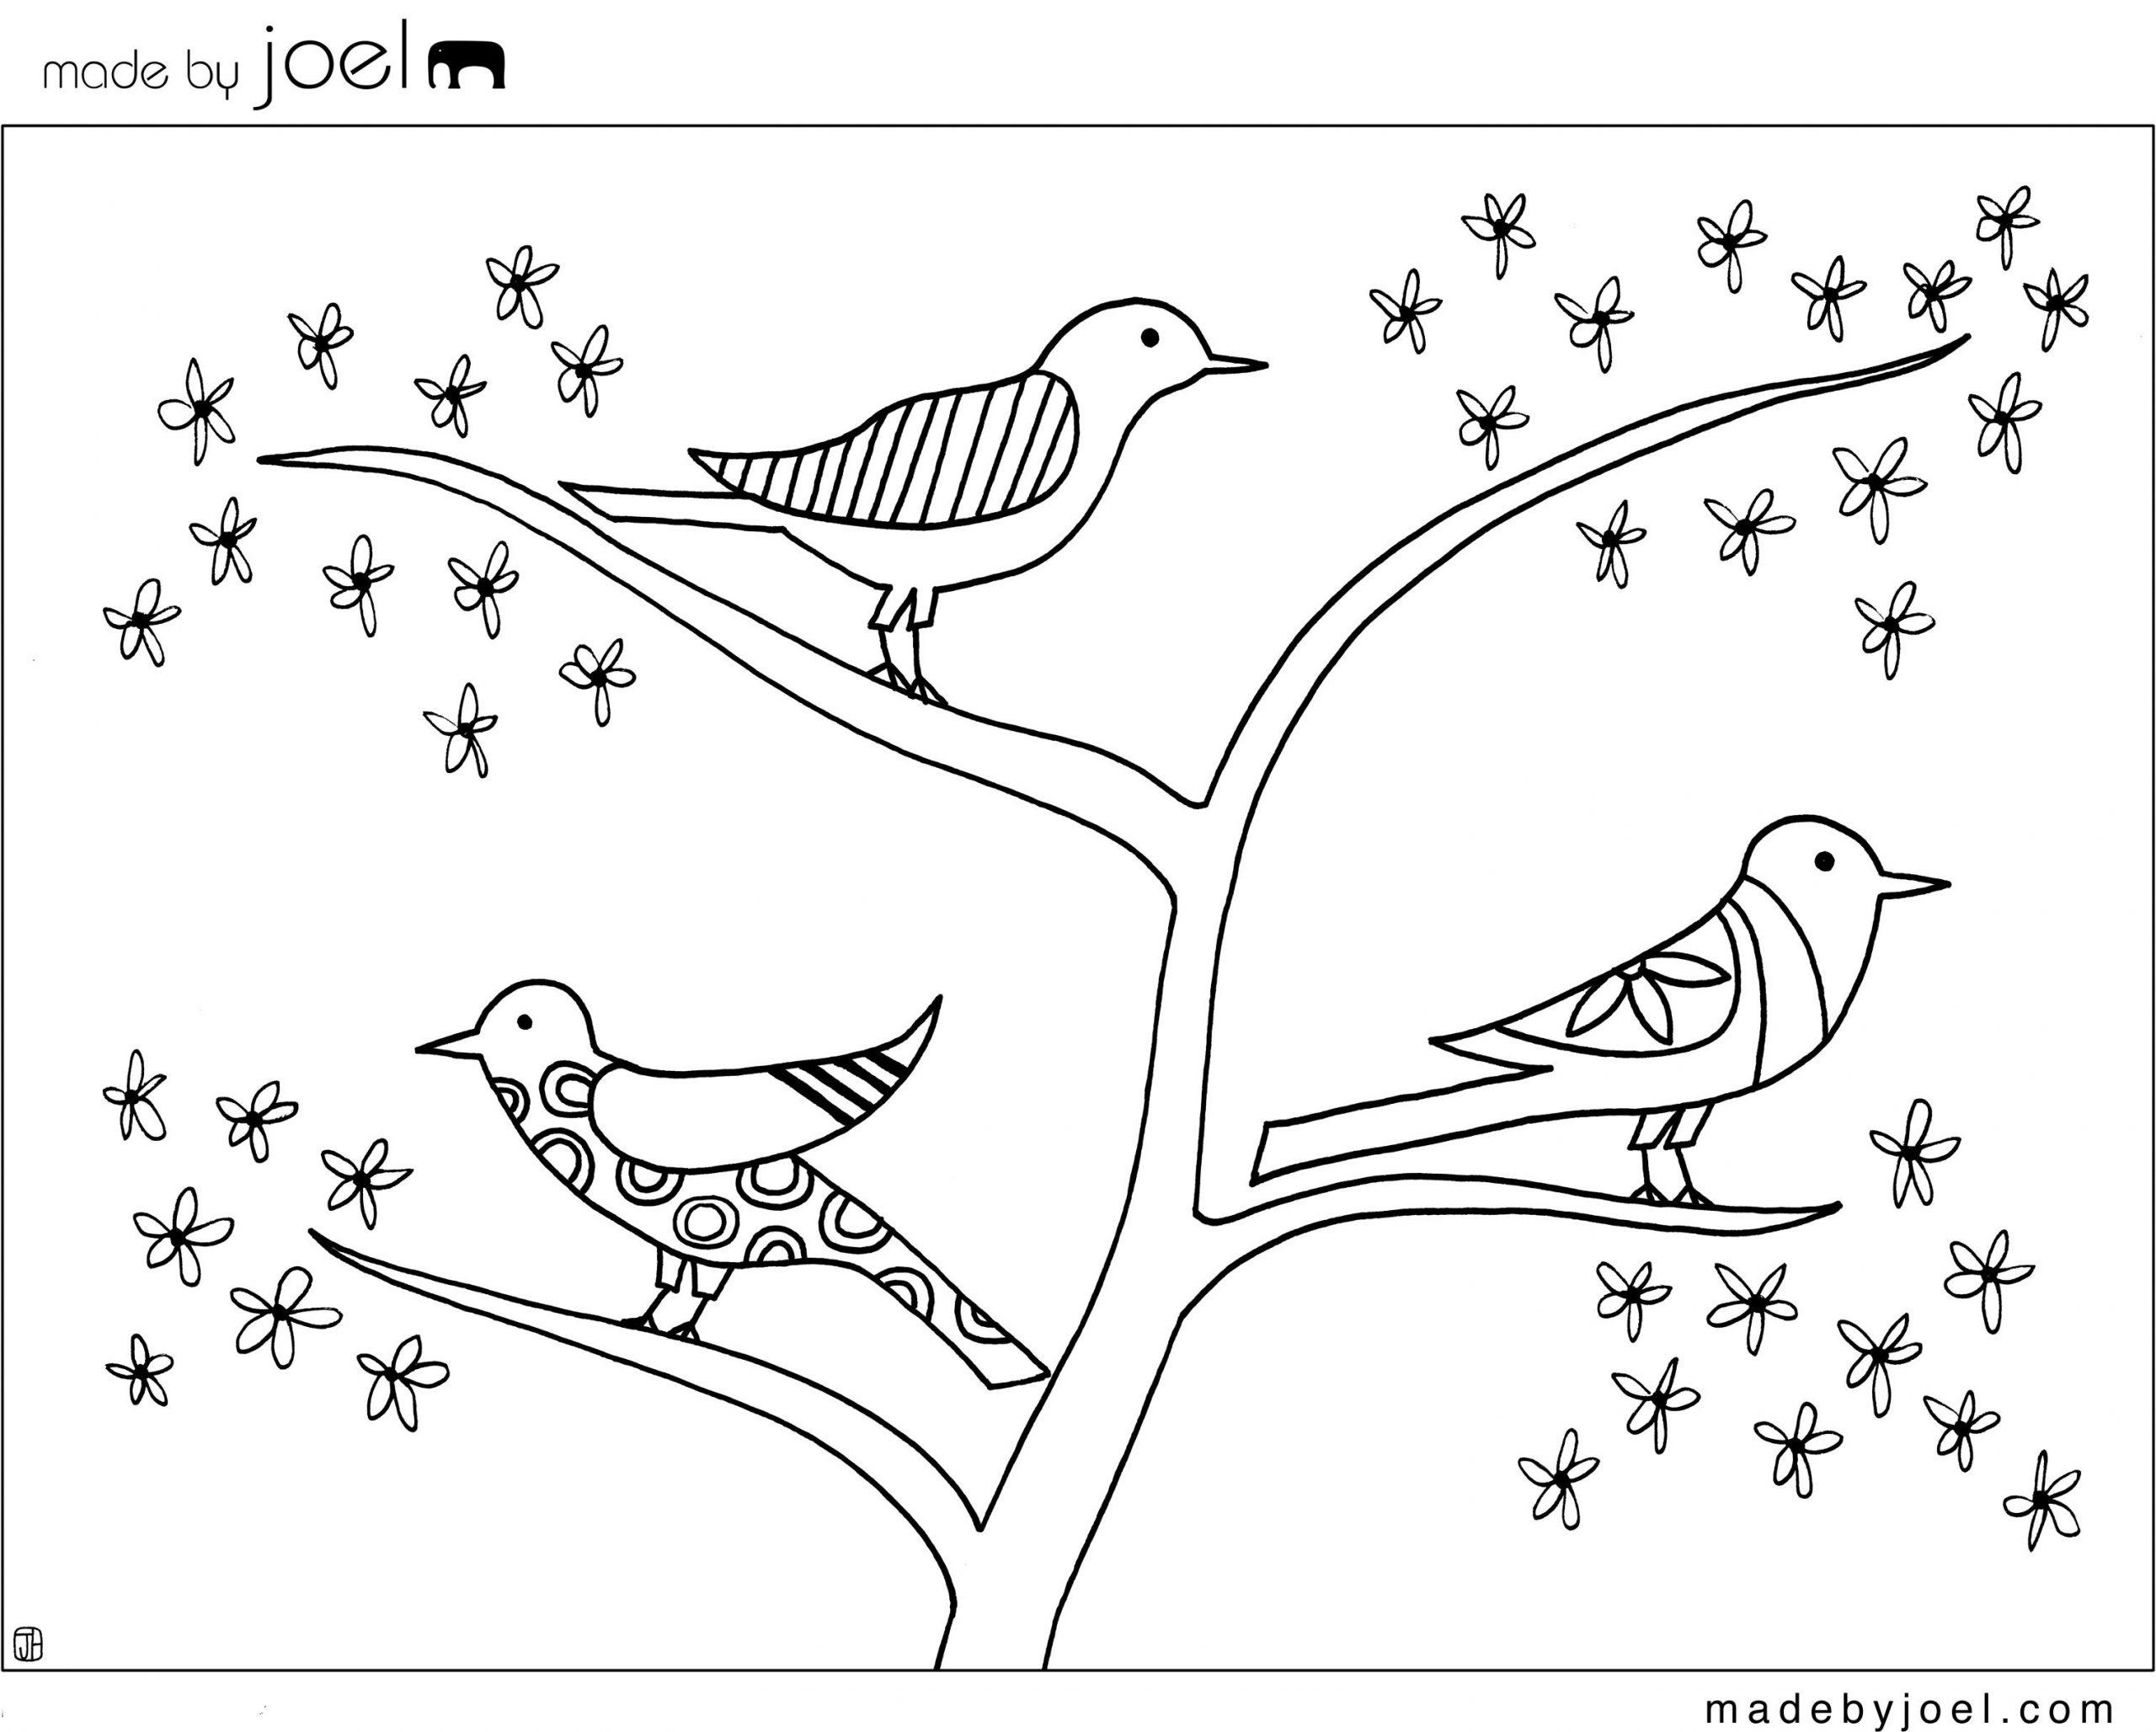 Épinglé Par Vdvd Sur Stitch | Dessin A Colorier, Oiseaux À intérieur Jeux De Oiseau Gratuit